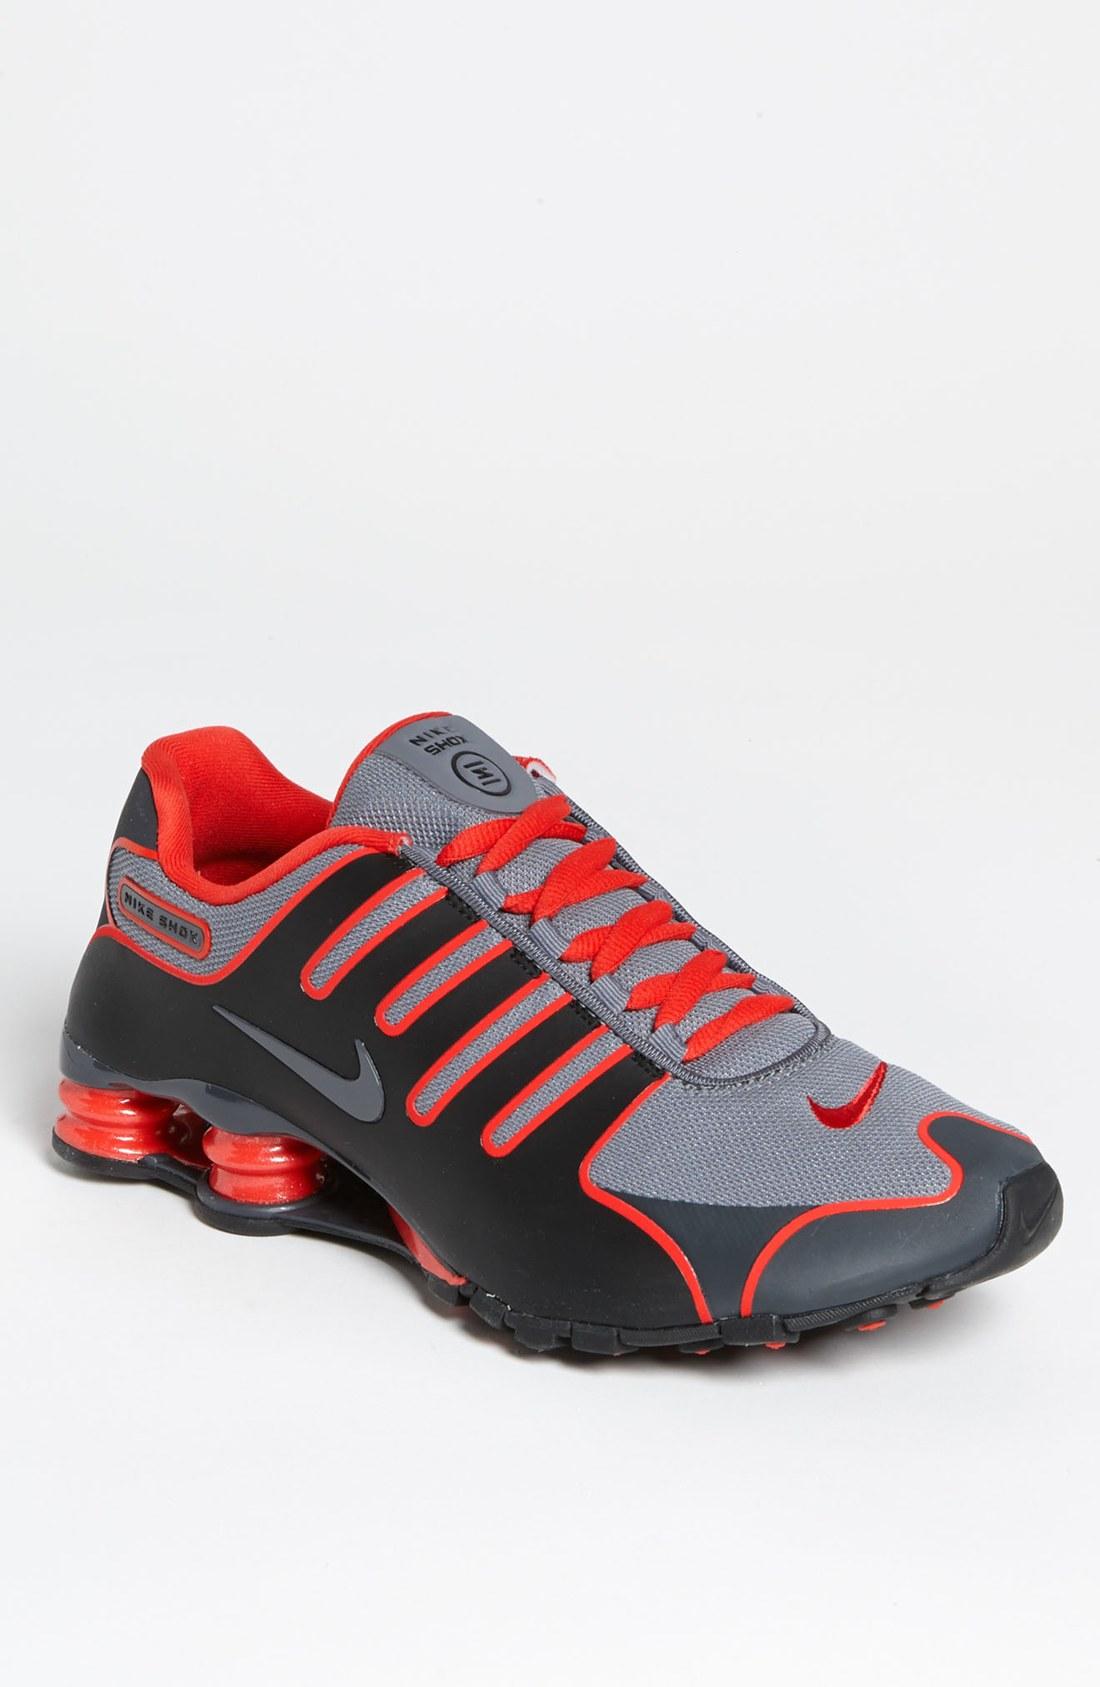 91903b3abcdd ... turbo xii sl womens shoe  nike shox nz ns womens ...